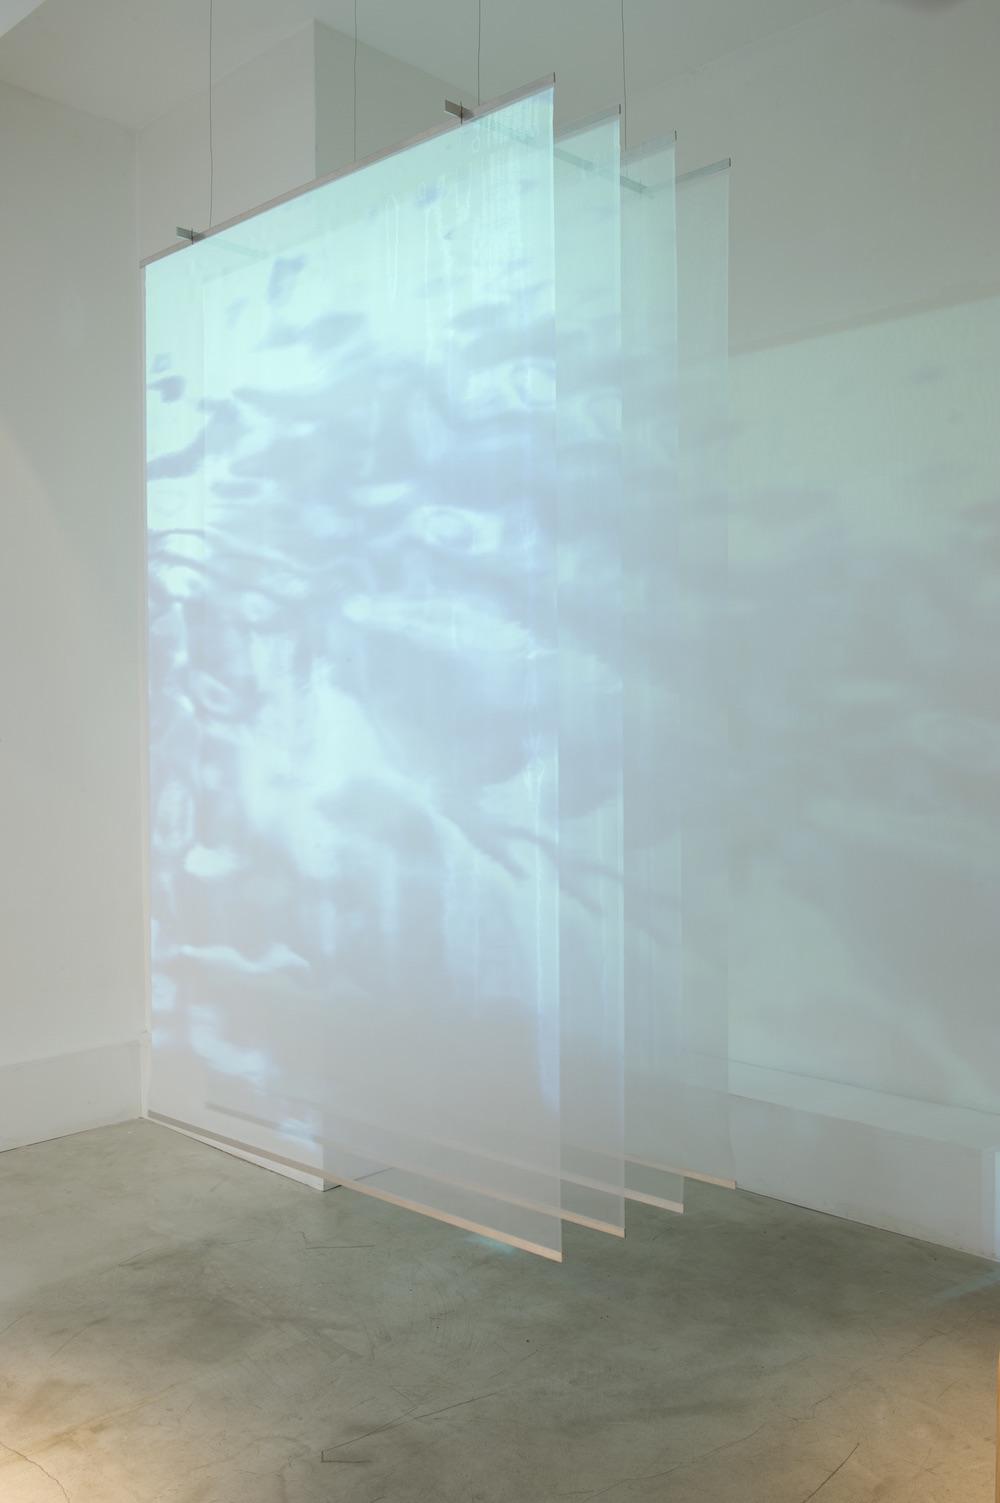 2. Reflections by Grethe Sorensen, Galerie Maria Wettergren